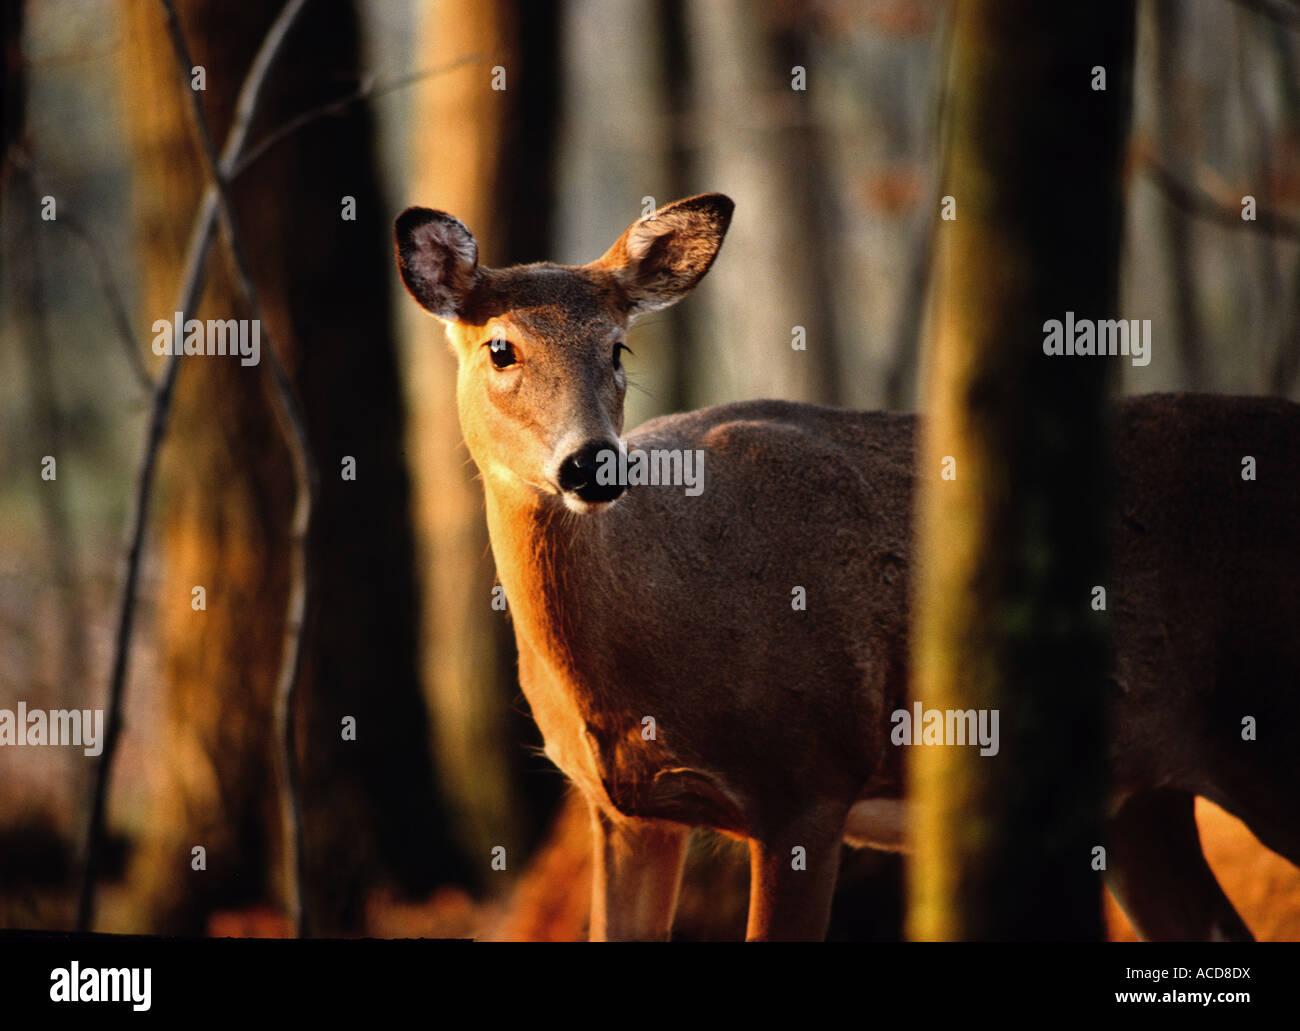 White tail deer in spring at Kensington Metro Park, near Detroit, Michigan Stock Photo